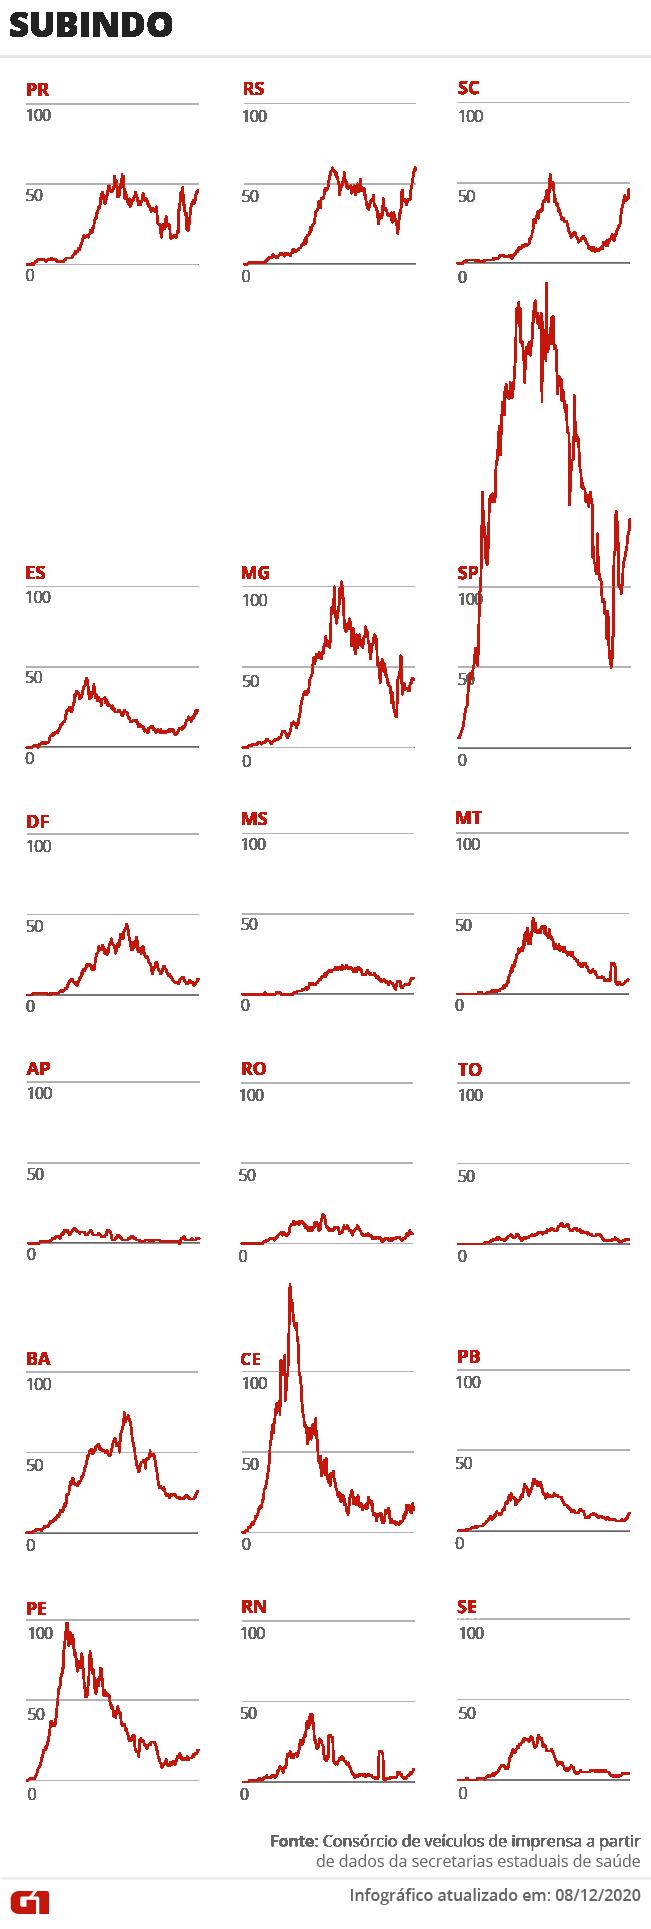 Casos e mortes por coronavírus no Brasil em 9 de dezembro, segundo consórcio de veículos de imprensa (atualização das 13h)